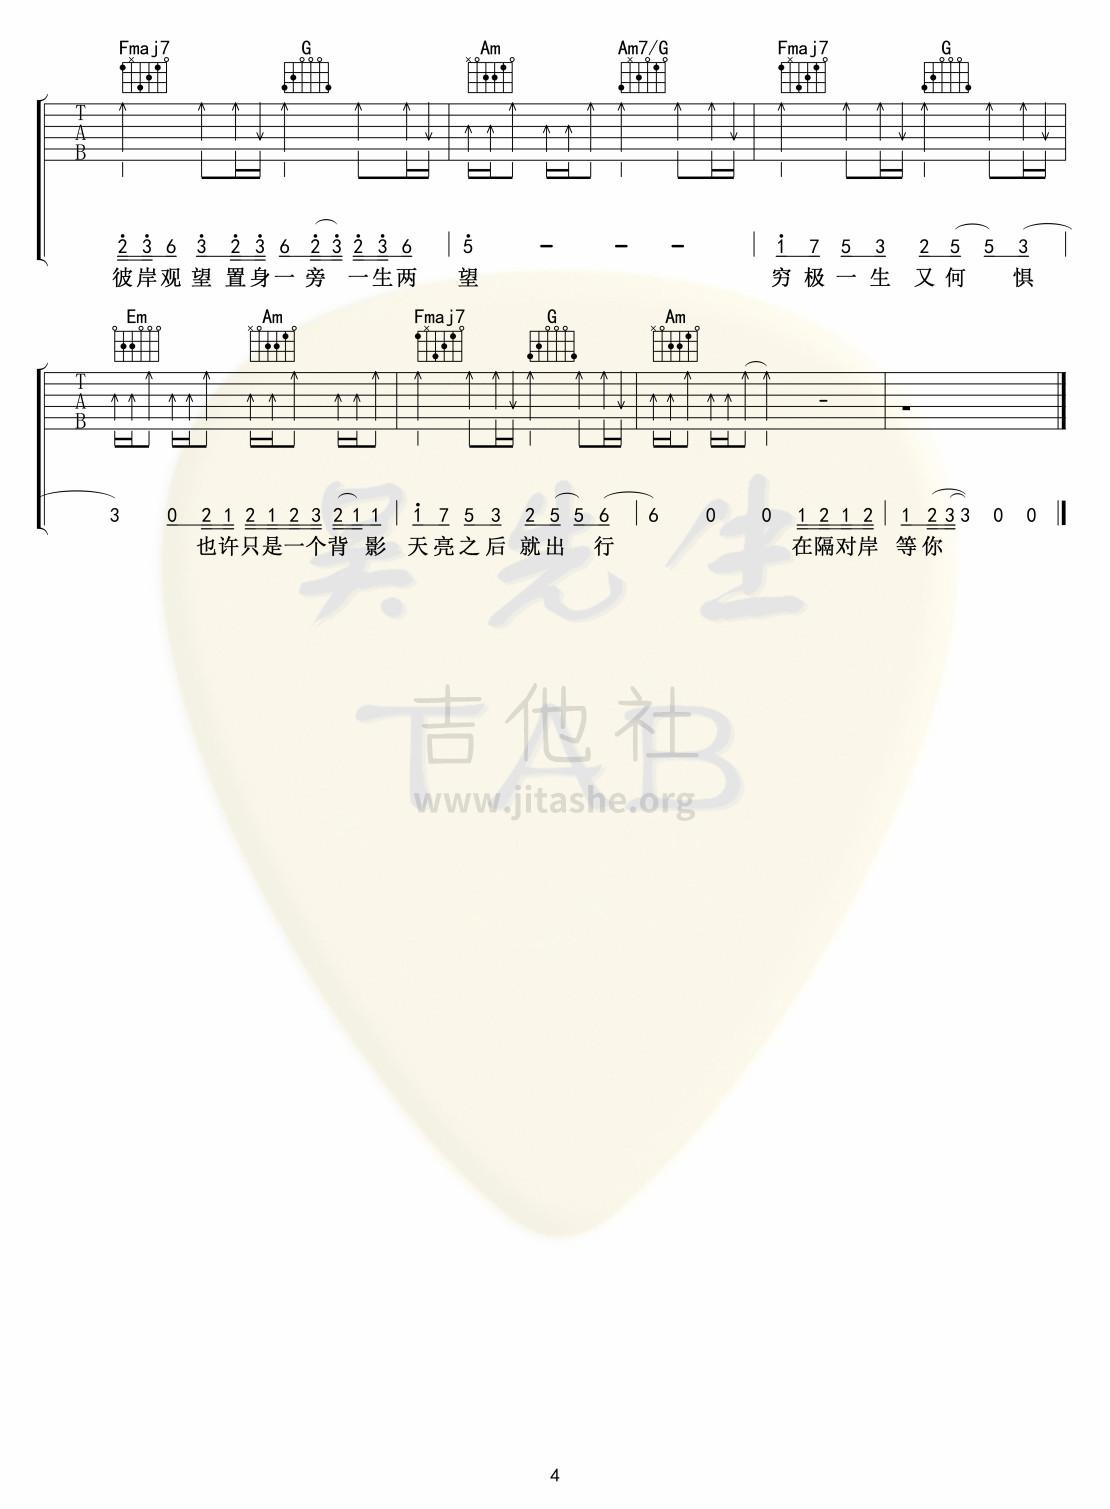 隔岸吉他谱(图片谱,弹唱)_姚六一(姚俊尧)_隔岸04.jpg